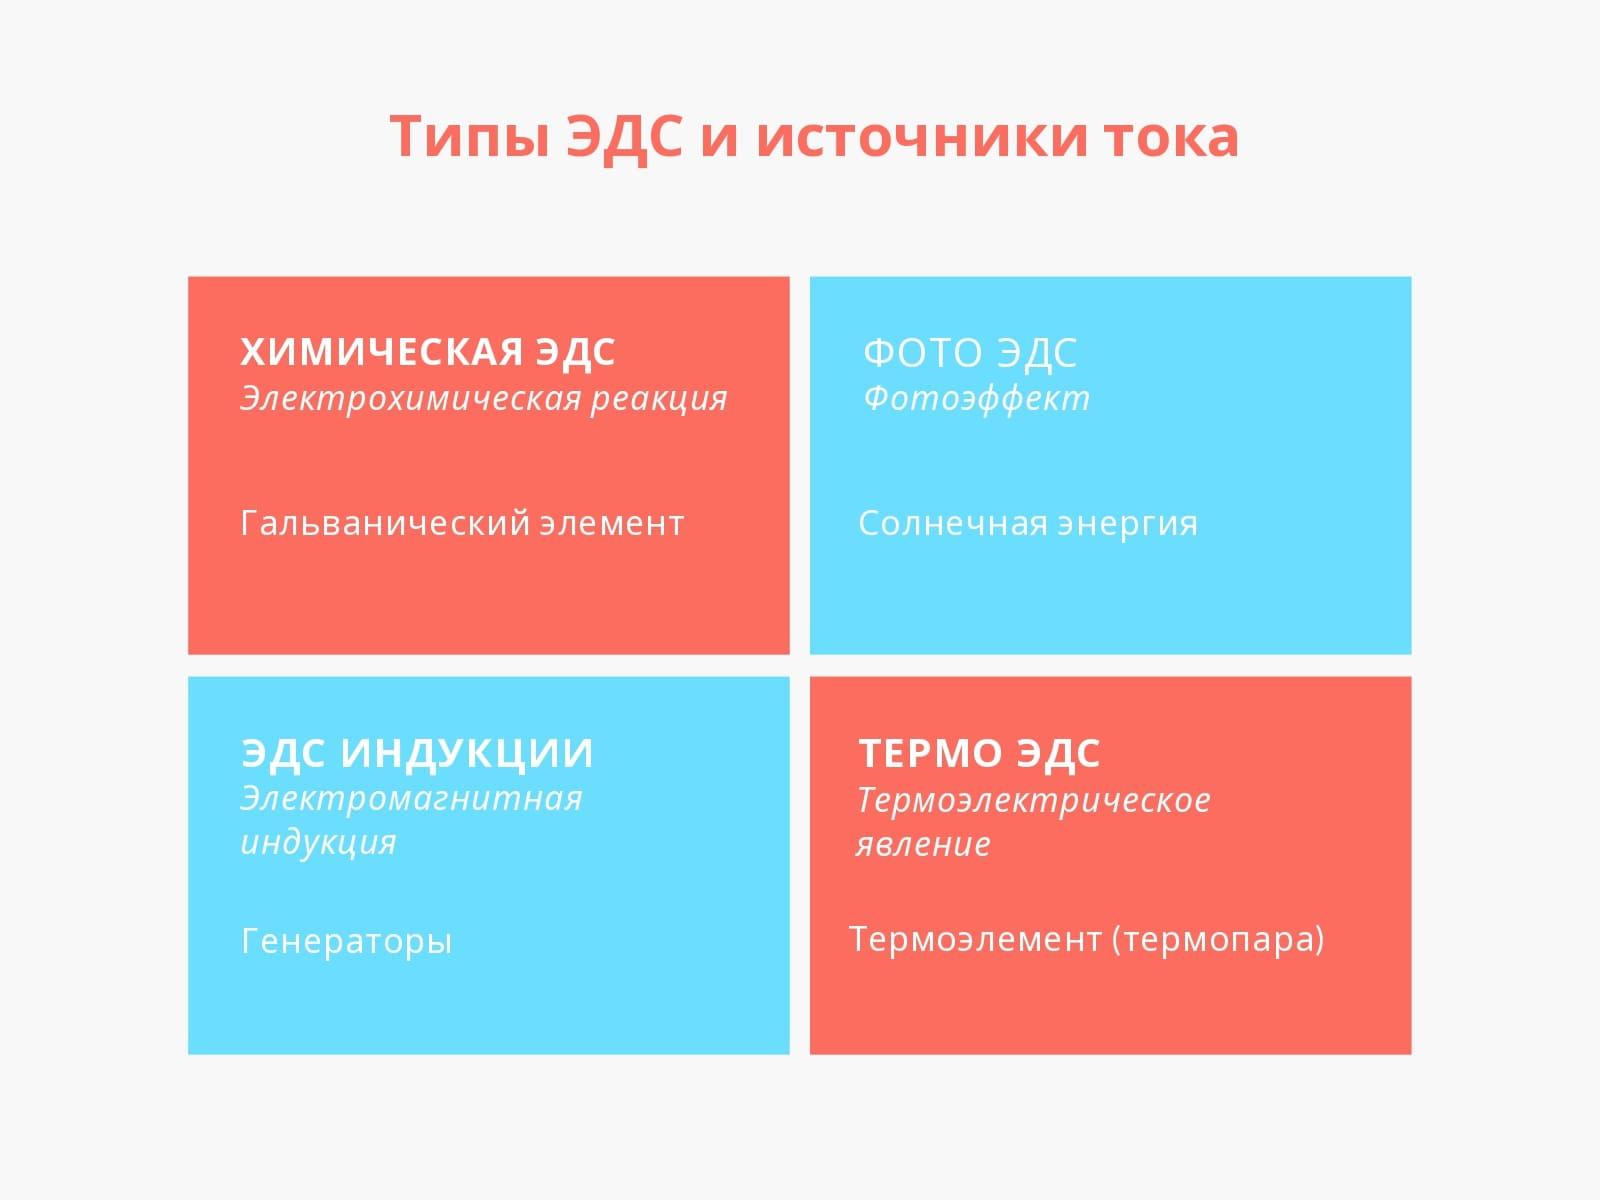 Типы ЭДС и источники тока